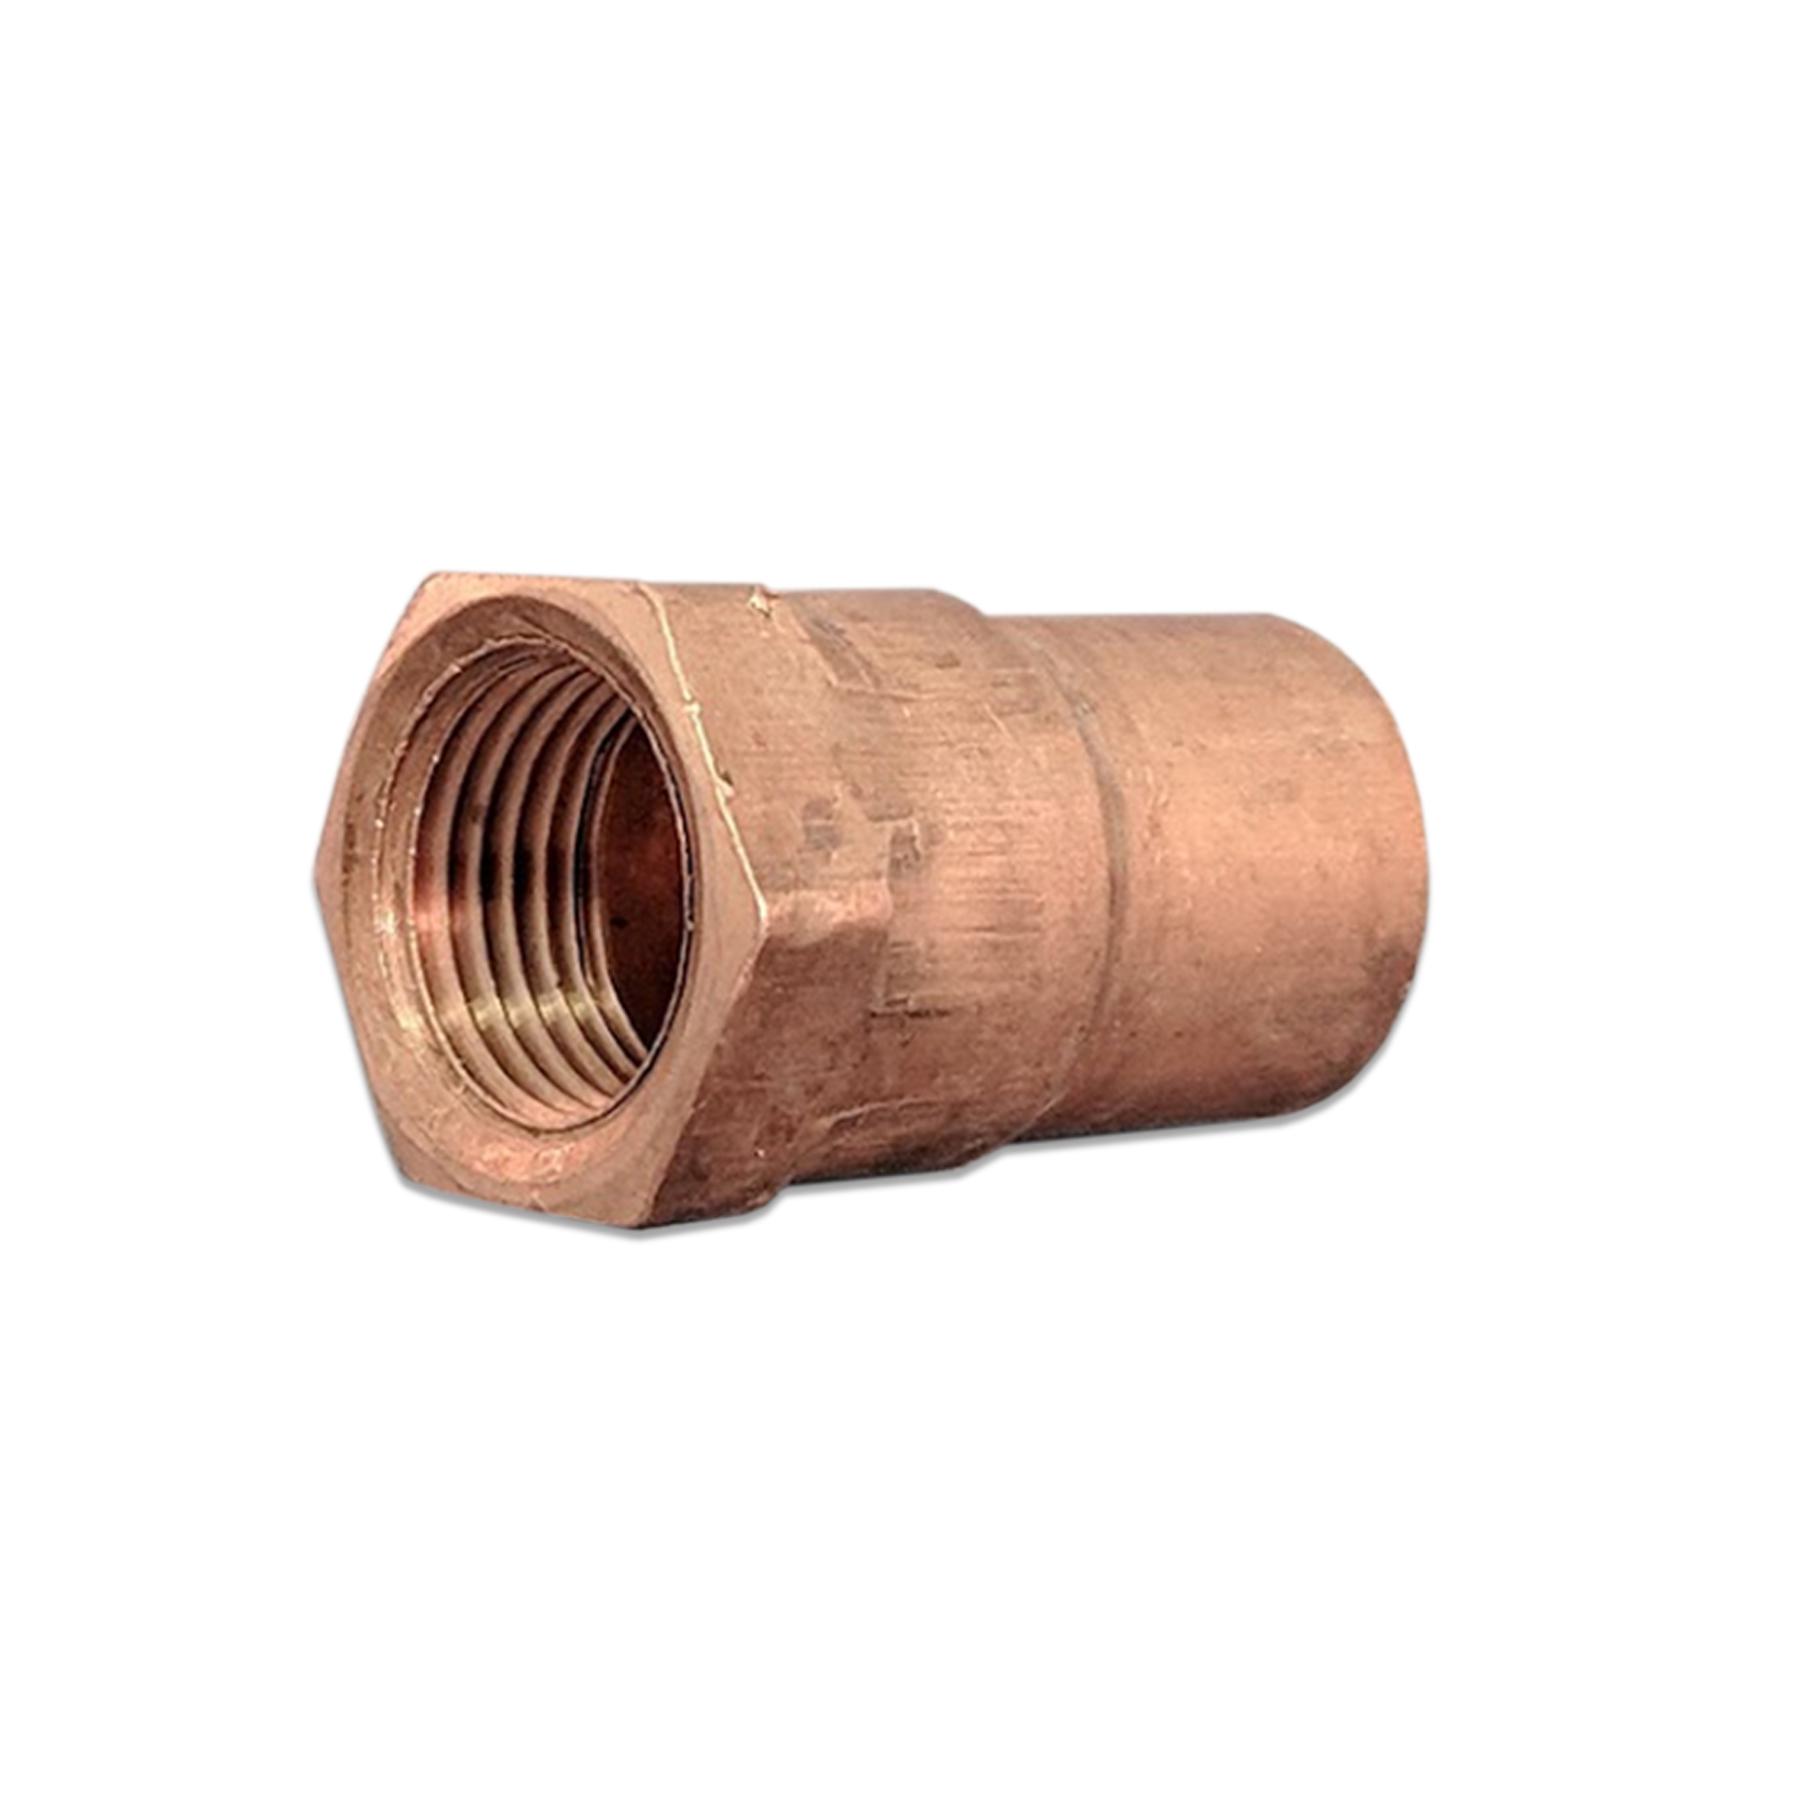 Copper Reducer Sweat Fitting, 1/2 (F) x 3/8 (F) NPT